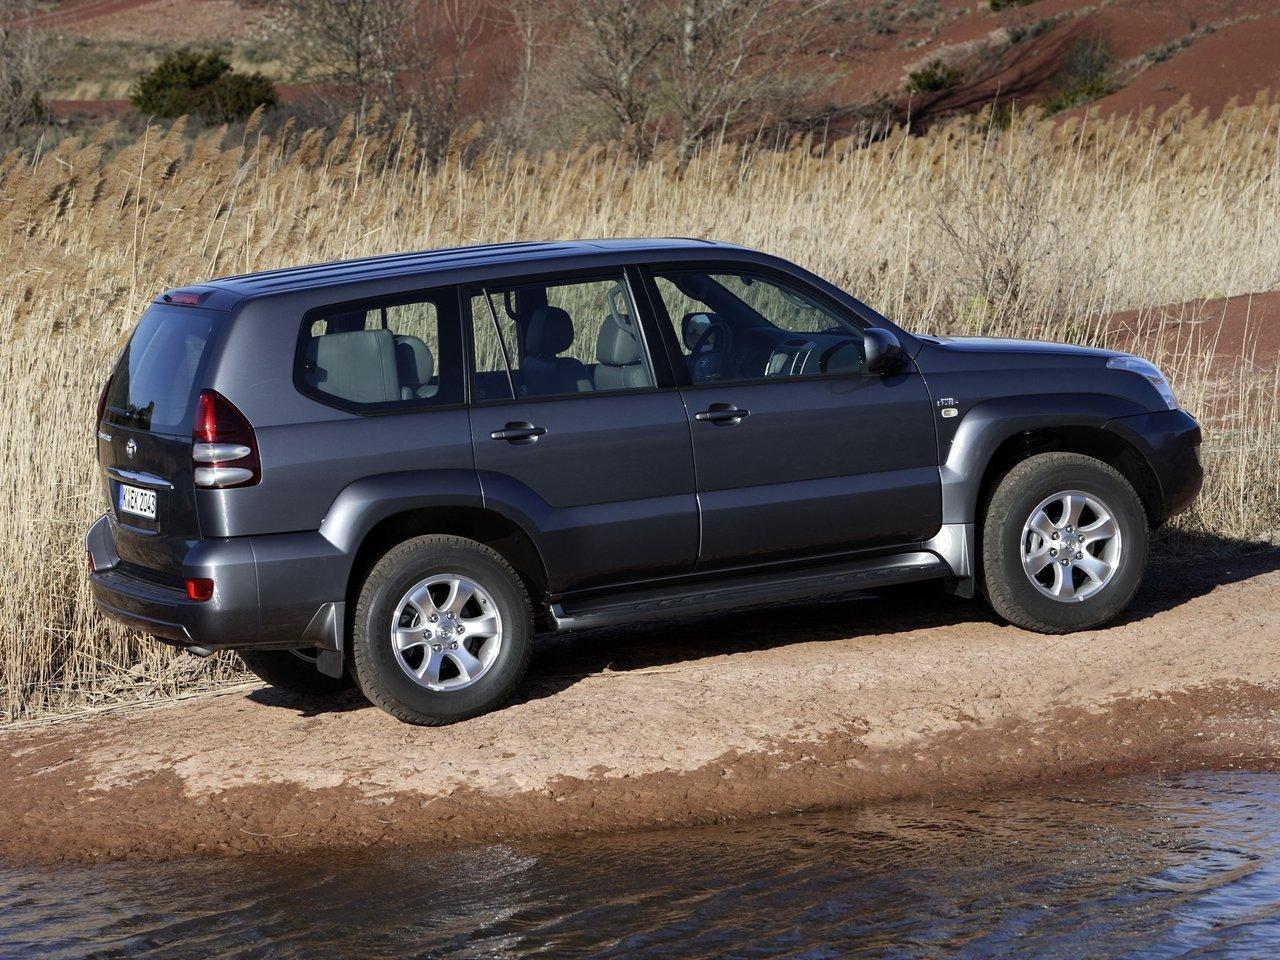 7f540ba39754 По данным расхода бензина 1 комплектации Лэнда Крузера Прадо 120 Серия  Рестайлинг расчитаем расход газа. Внедорожник пять дверей Toyota Land  Cruiser Prado ...